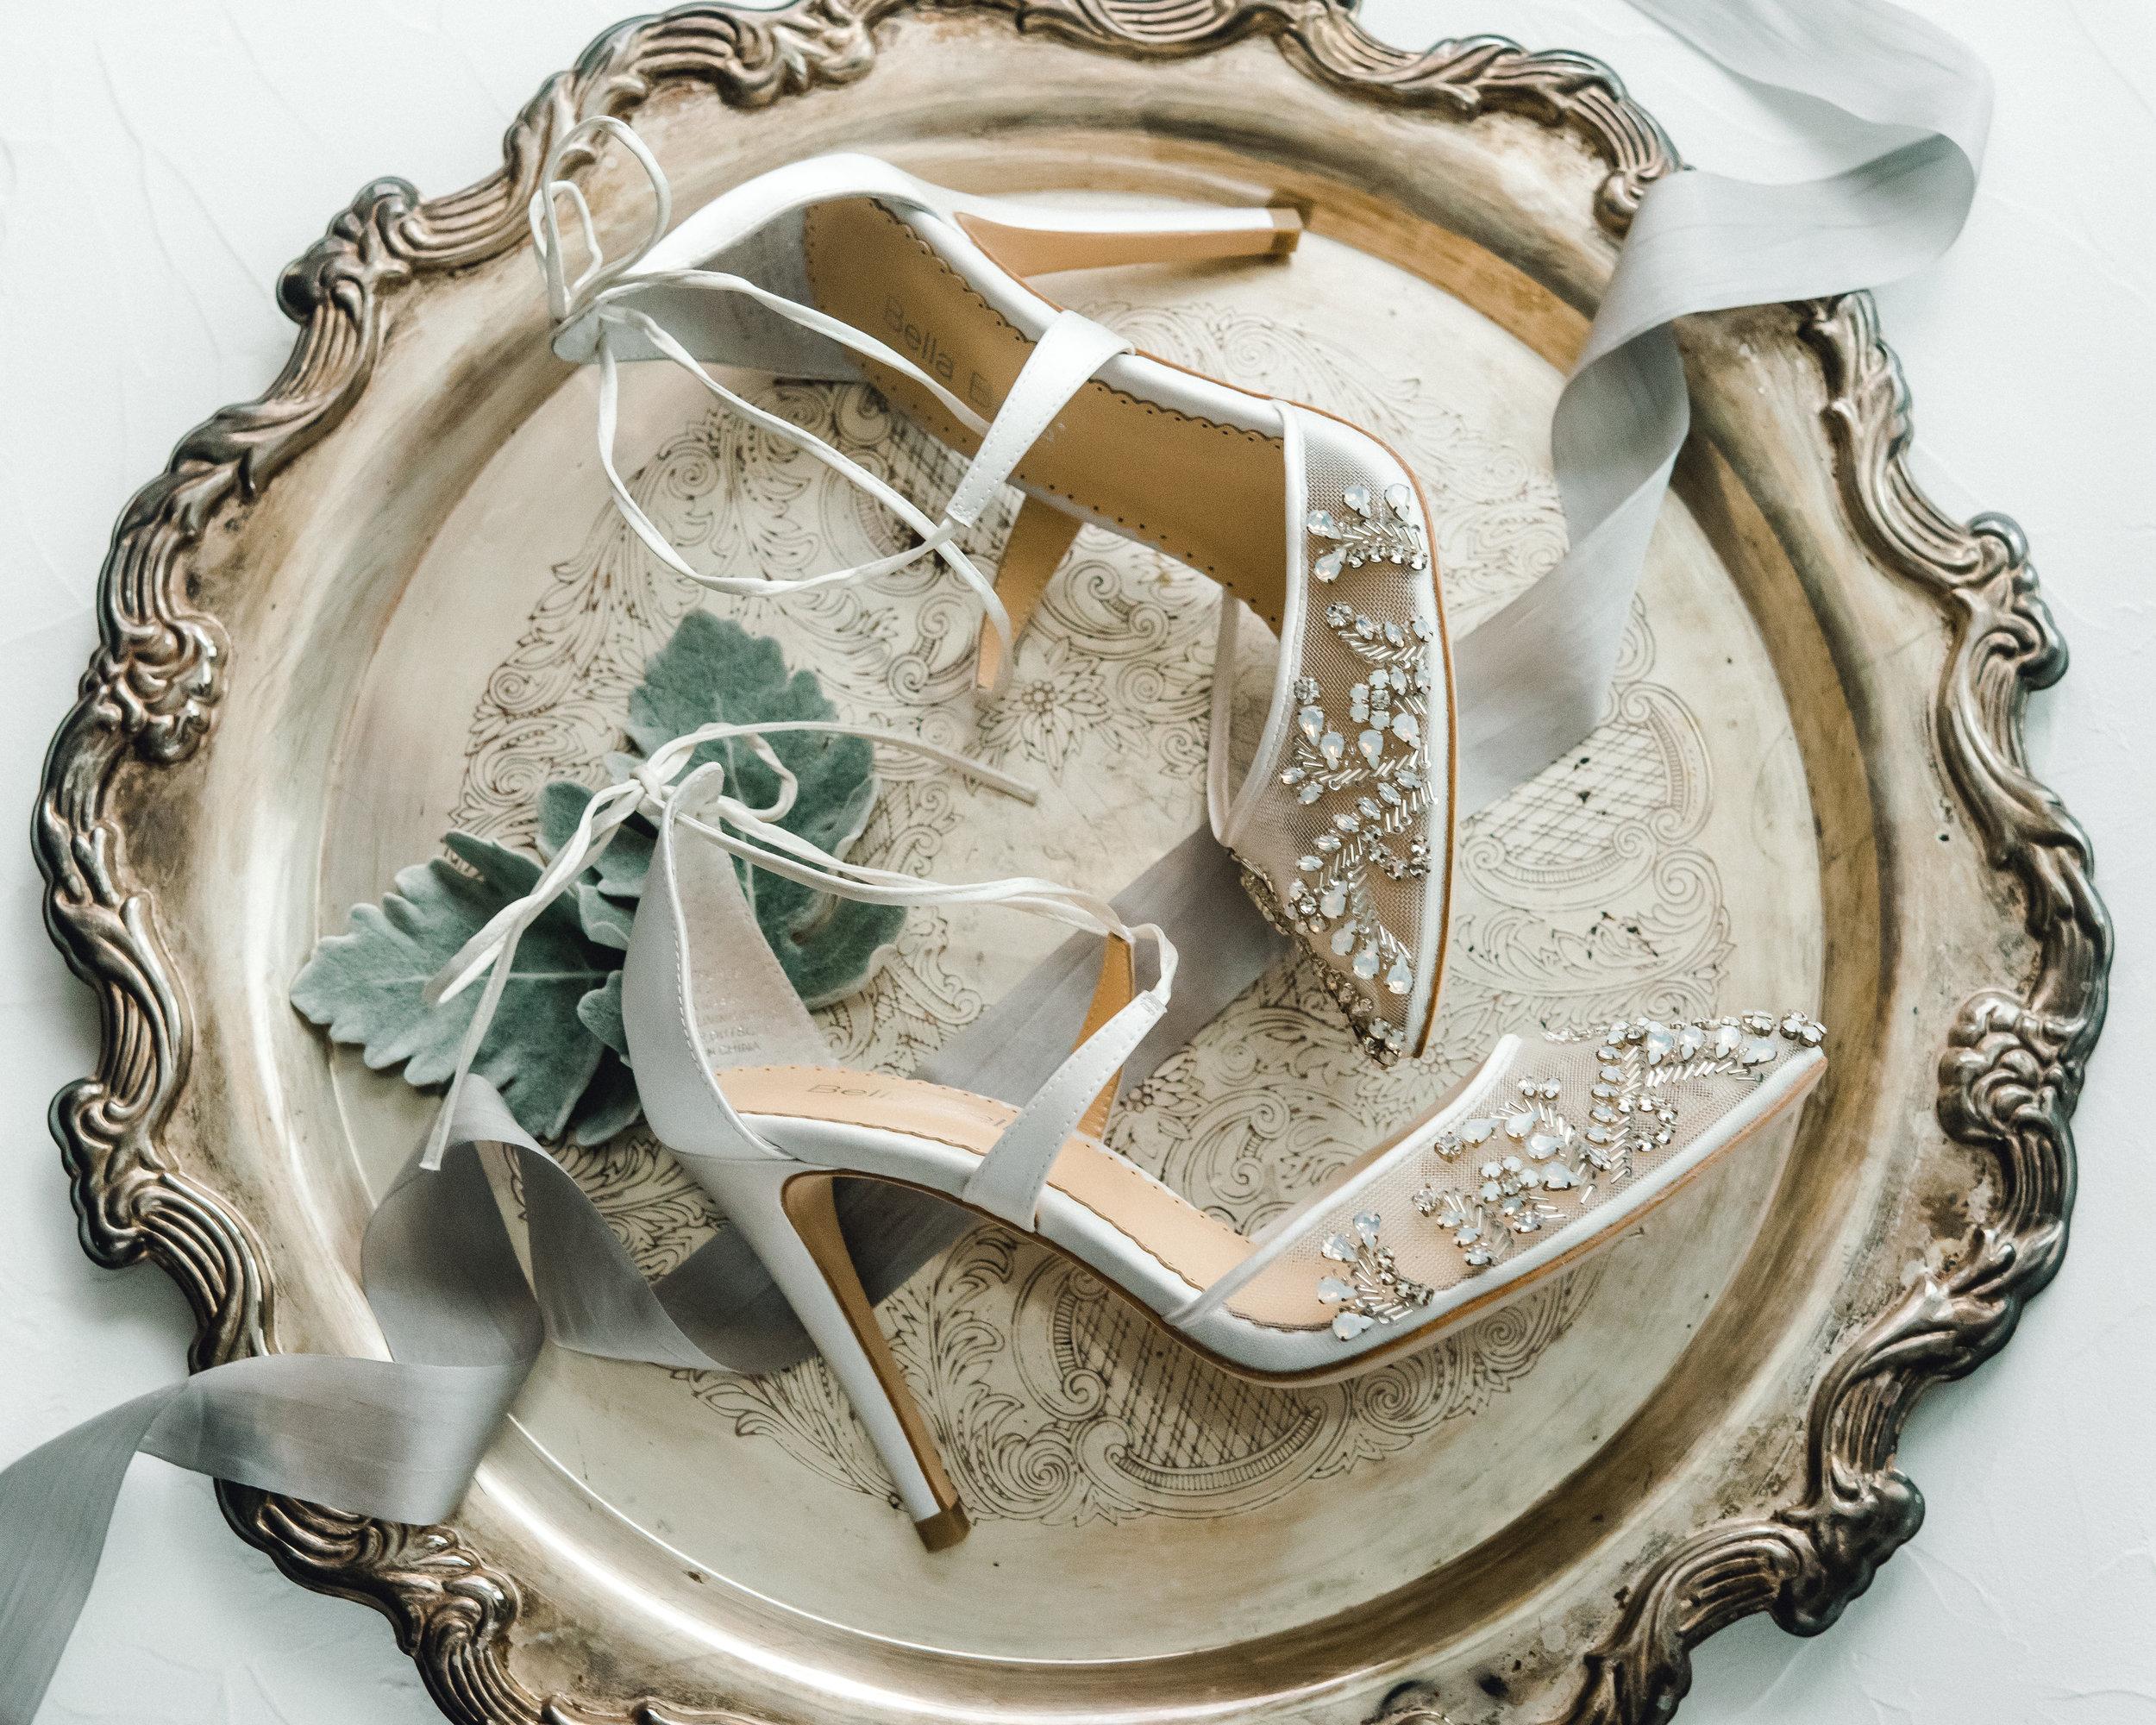 omni-william-penn-wedding-classic-chic-modern-photography-0005.jpg